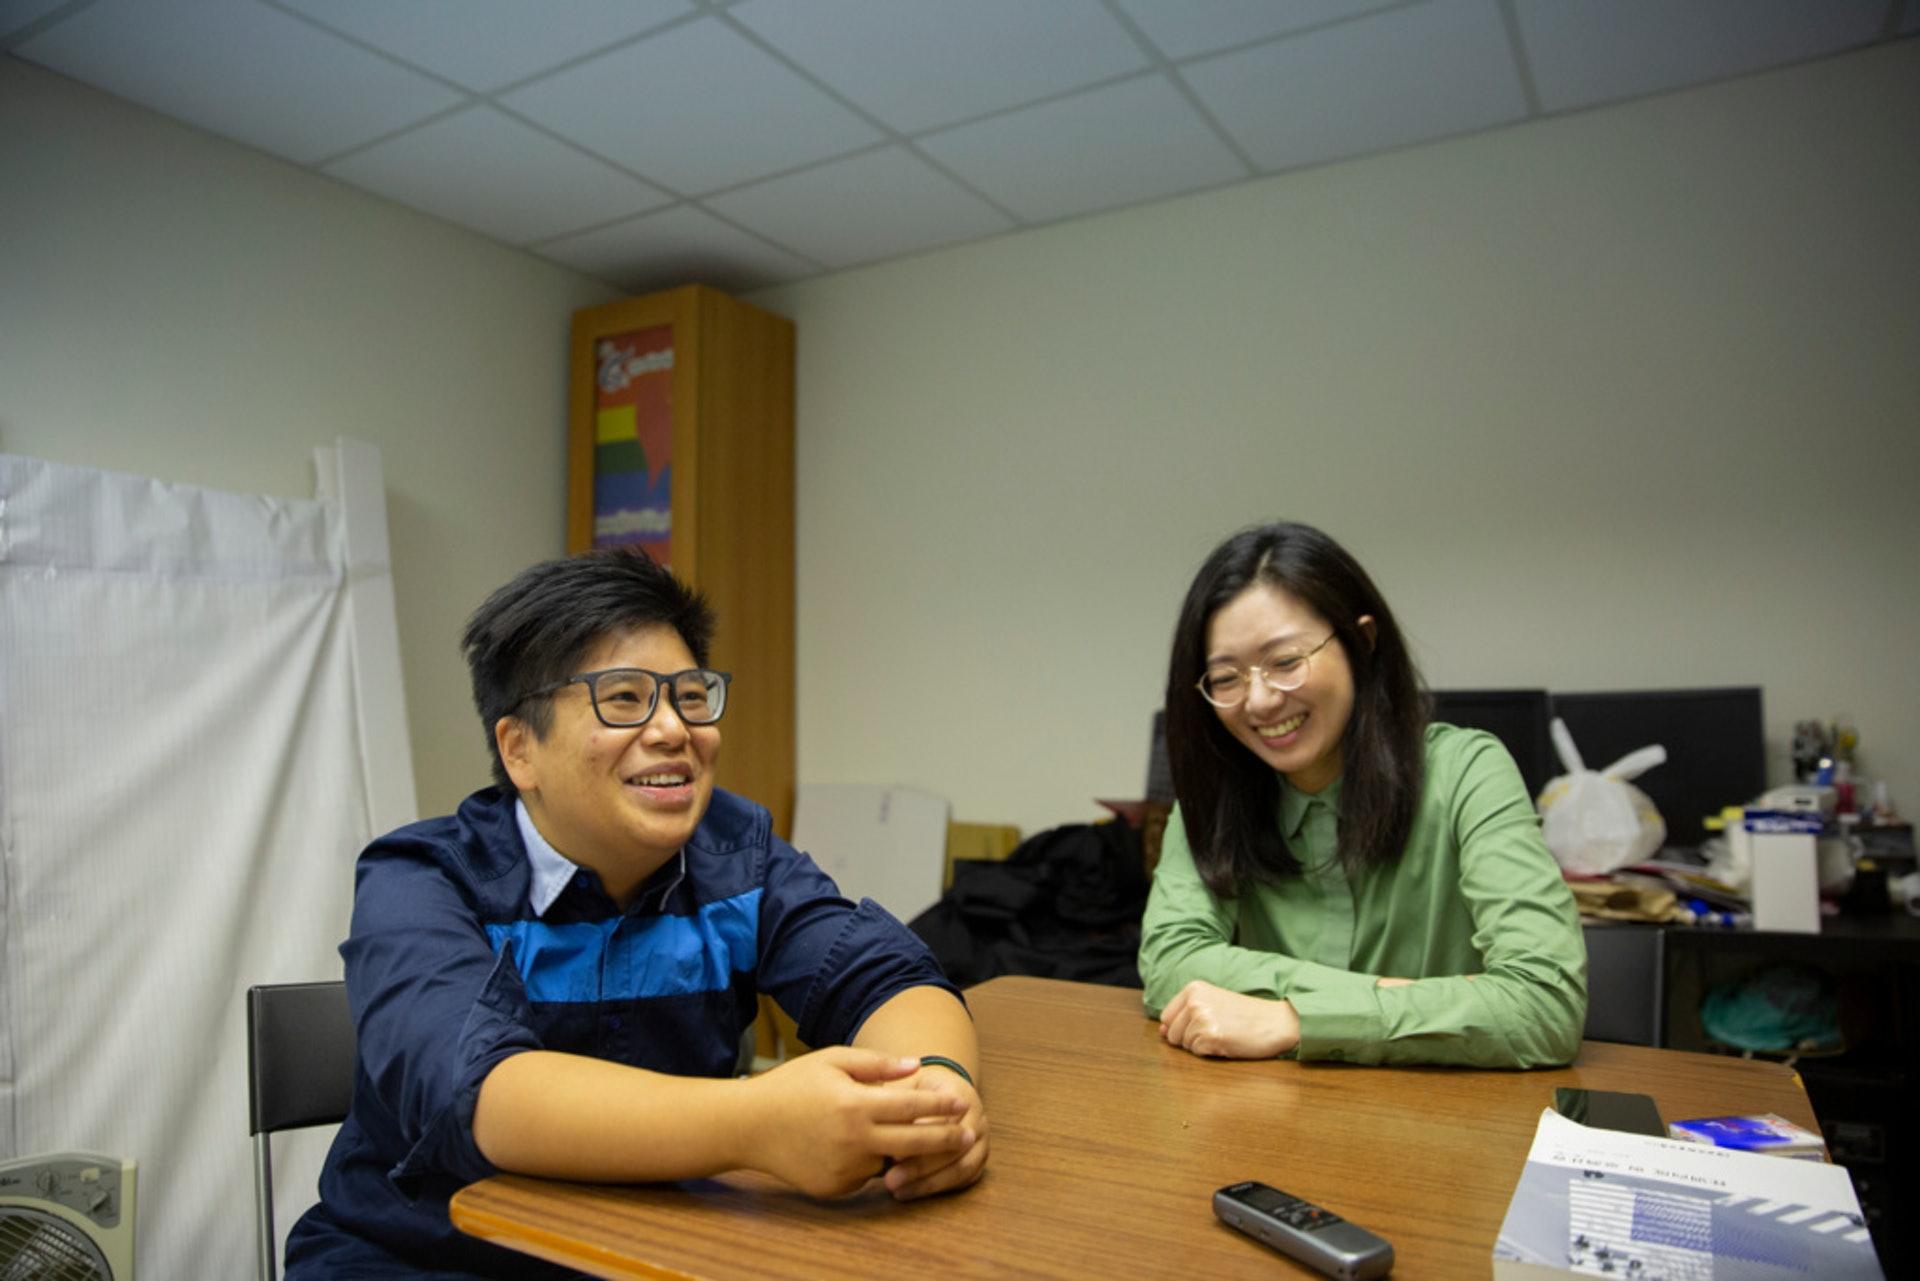 郭可芹與張穎淇在訪問後正式向外宣佈,今屆文化節將是最後一屆,更寫下長篇個人感言。